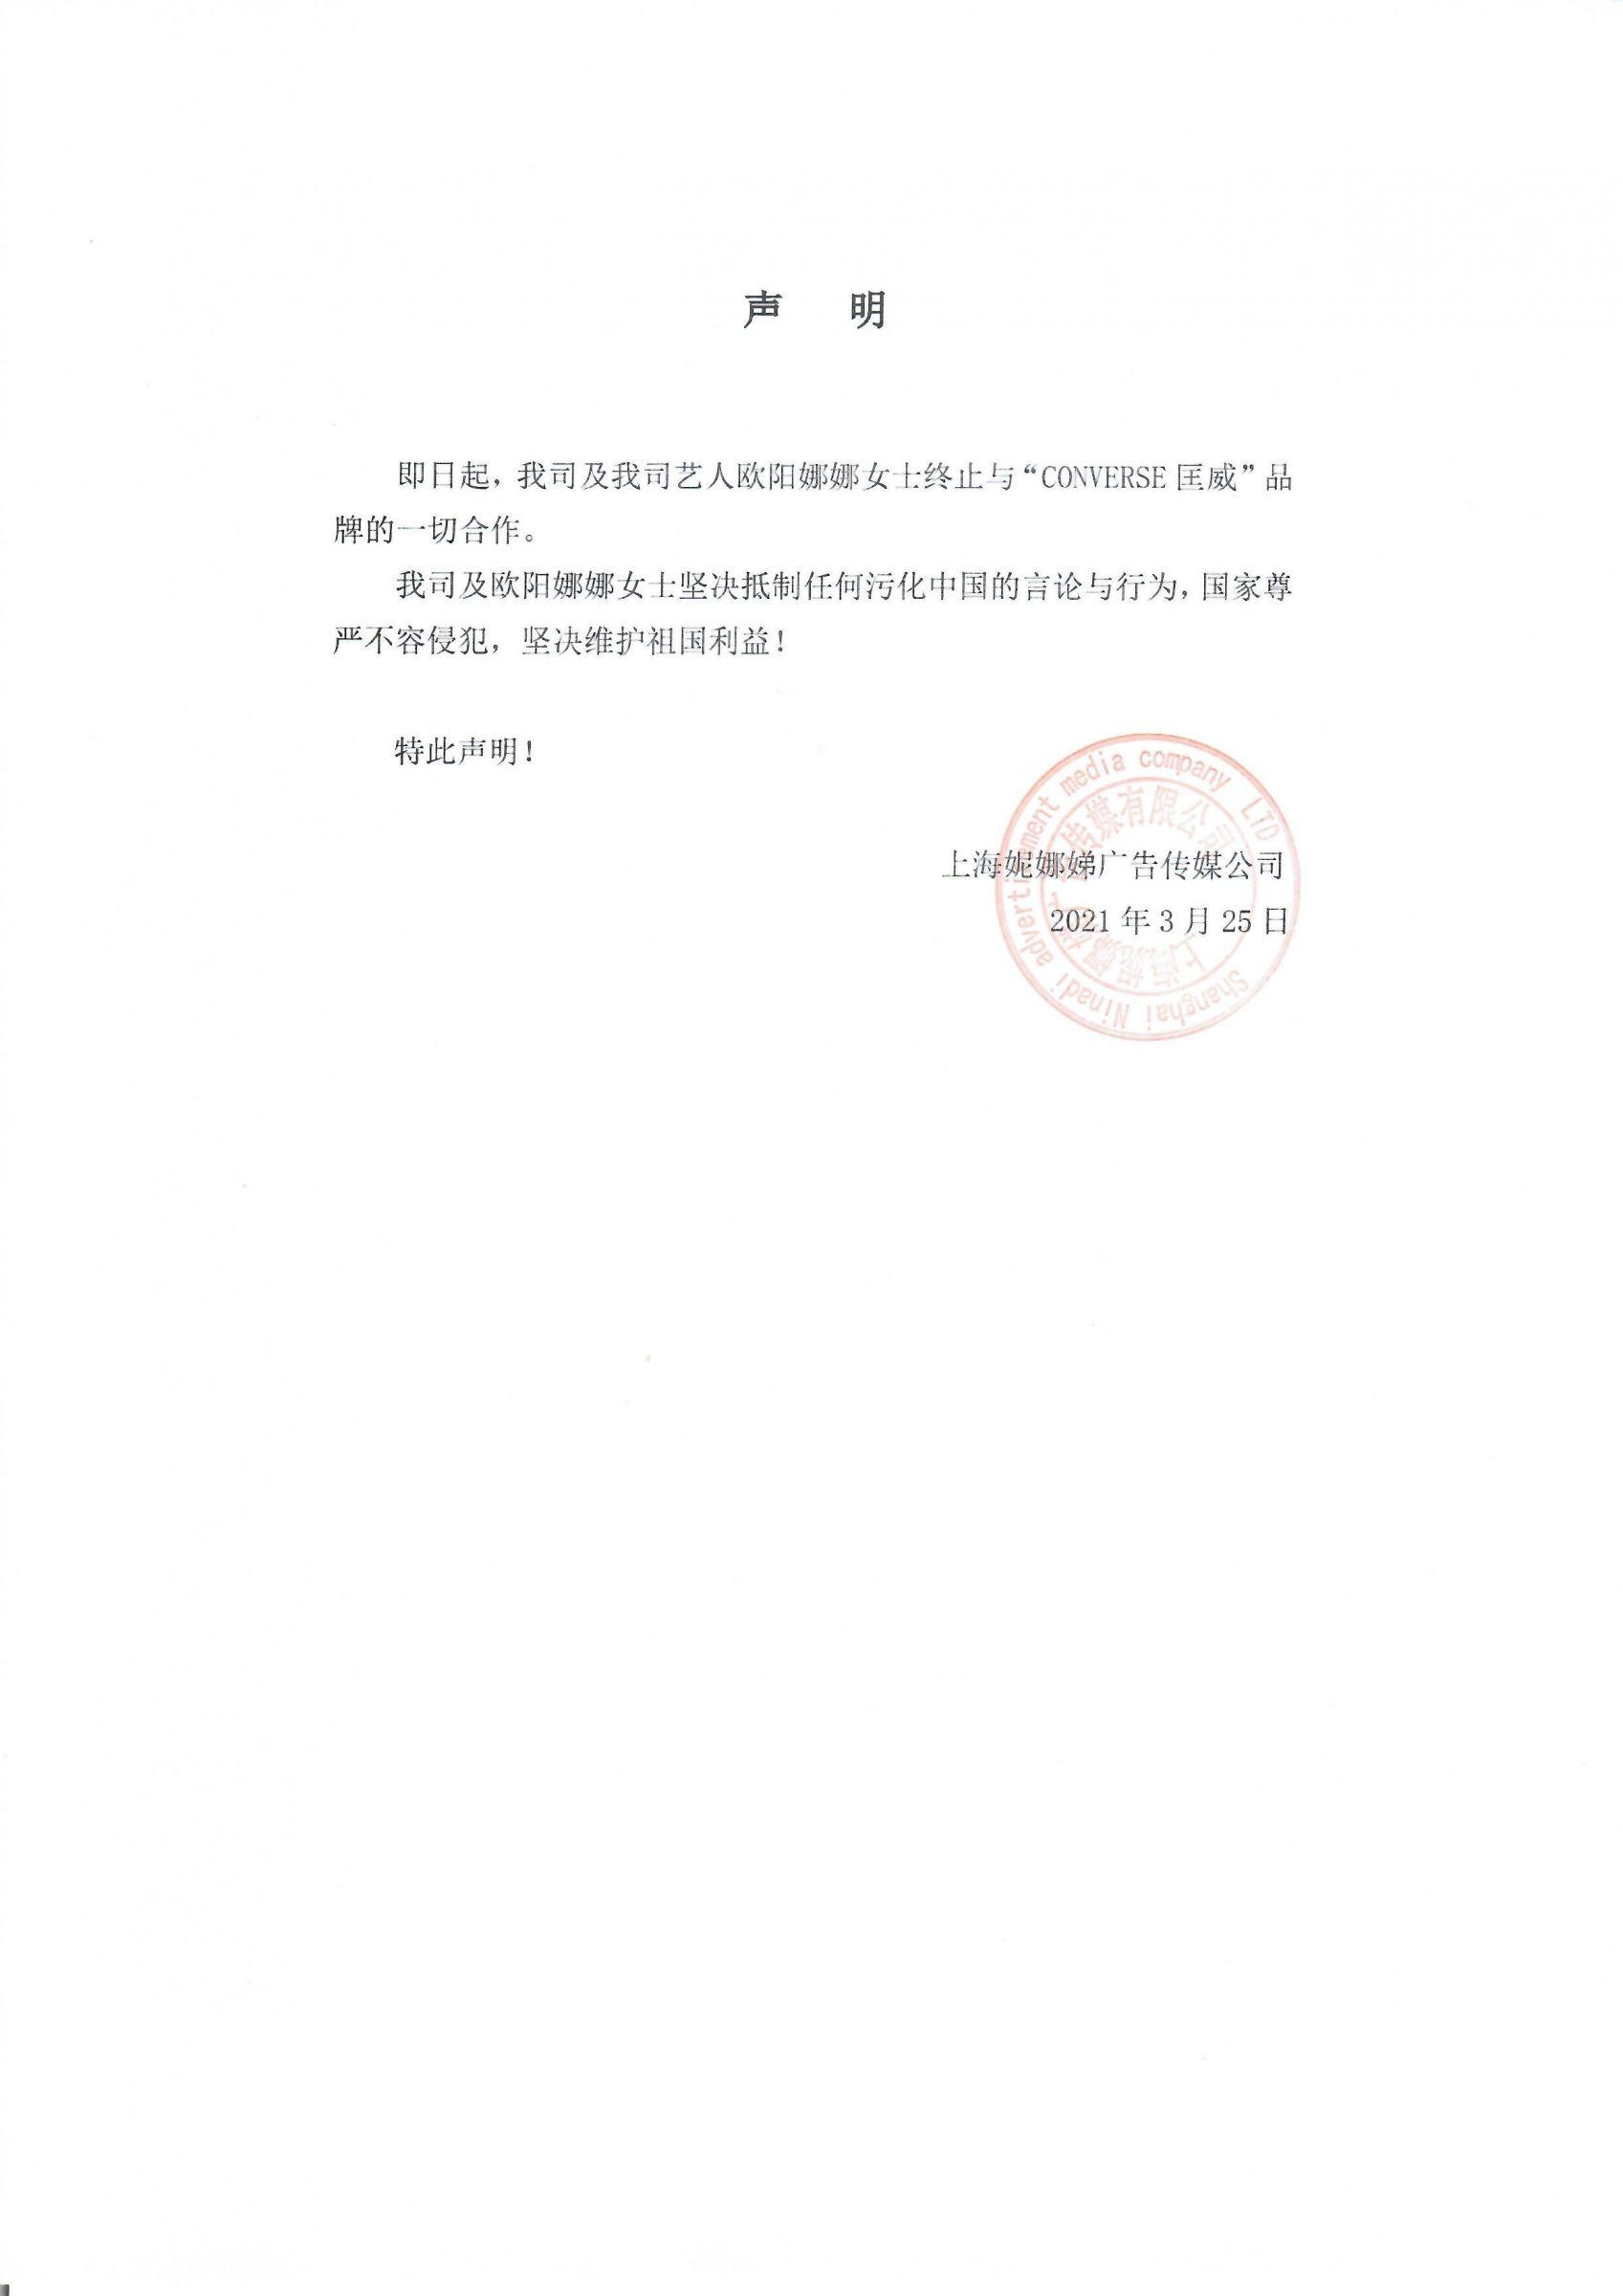 台湾艺人「支持新疆棉」切割潮延烧!陆网力挺:我们都是一条心